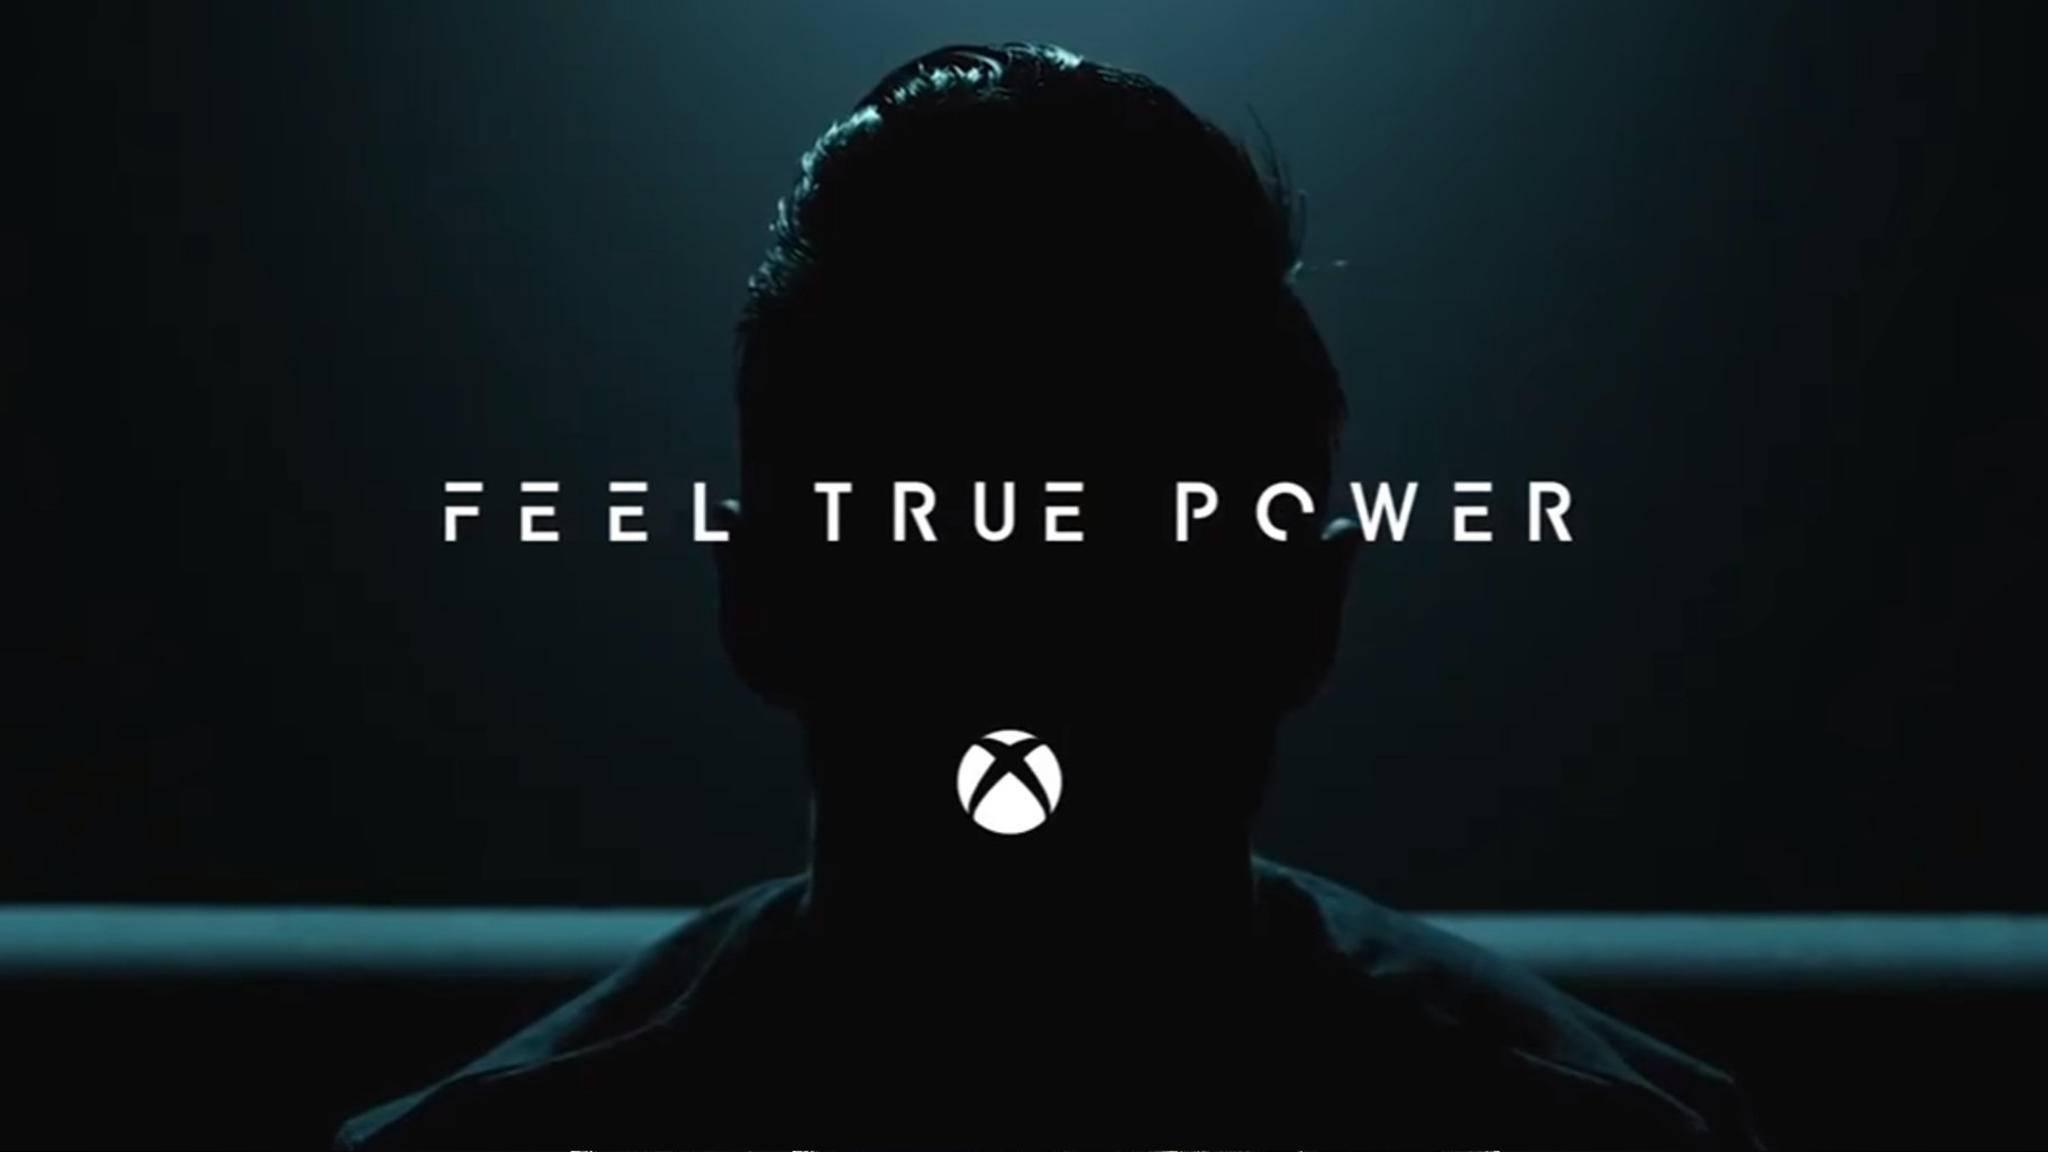 Nach der Xbox One X ist natürlich noch lange nicht Schluss.